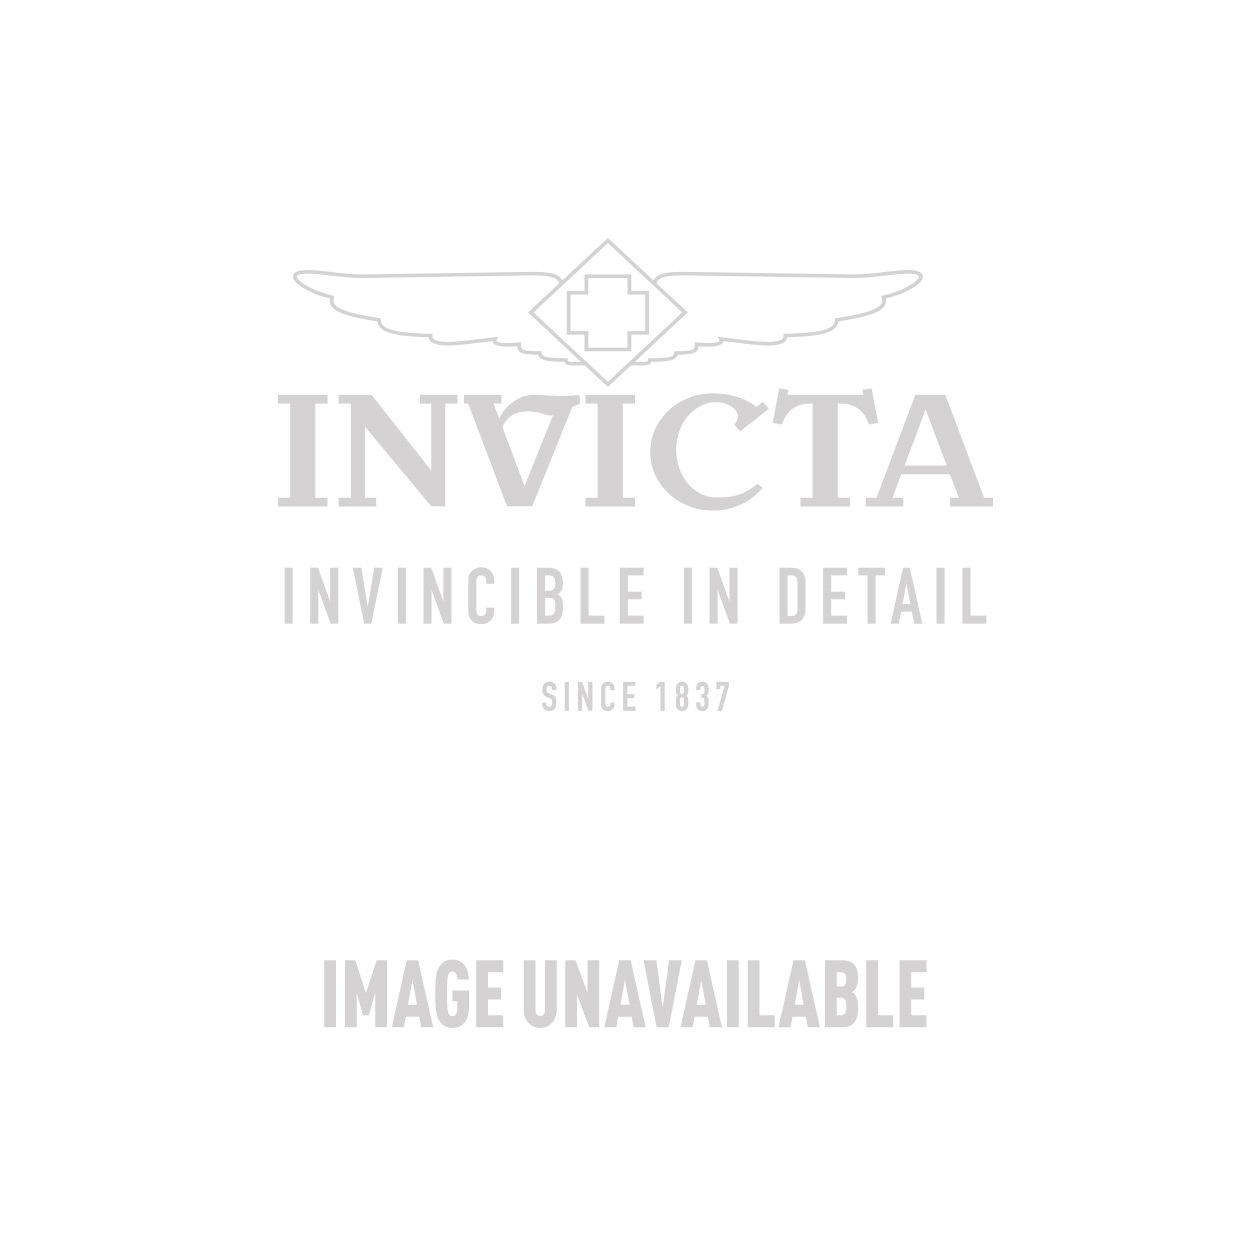 Invicta Model 25196